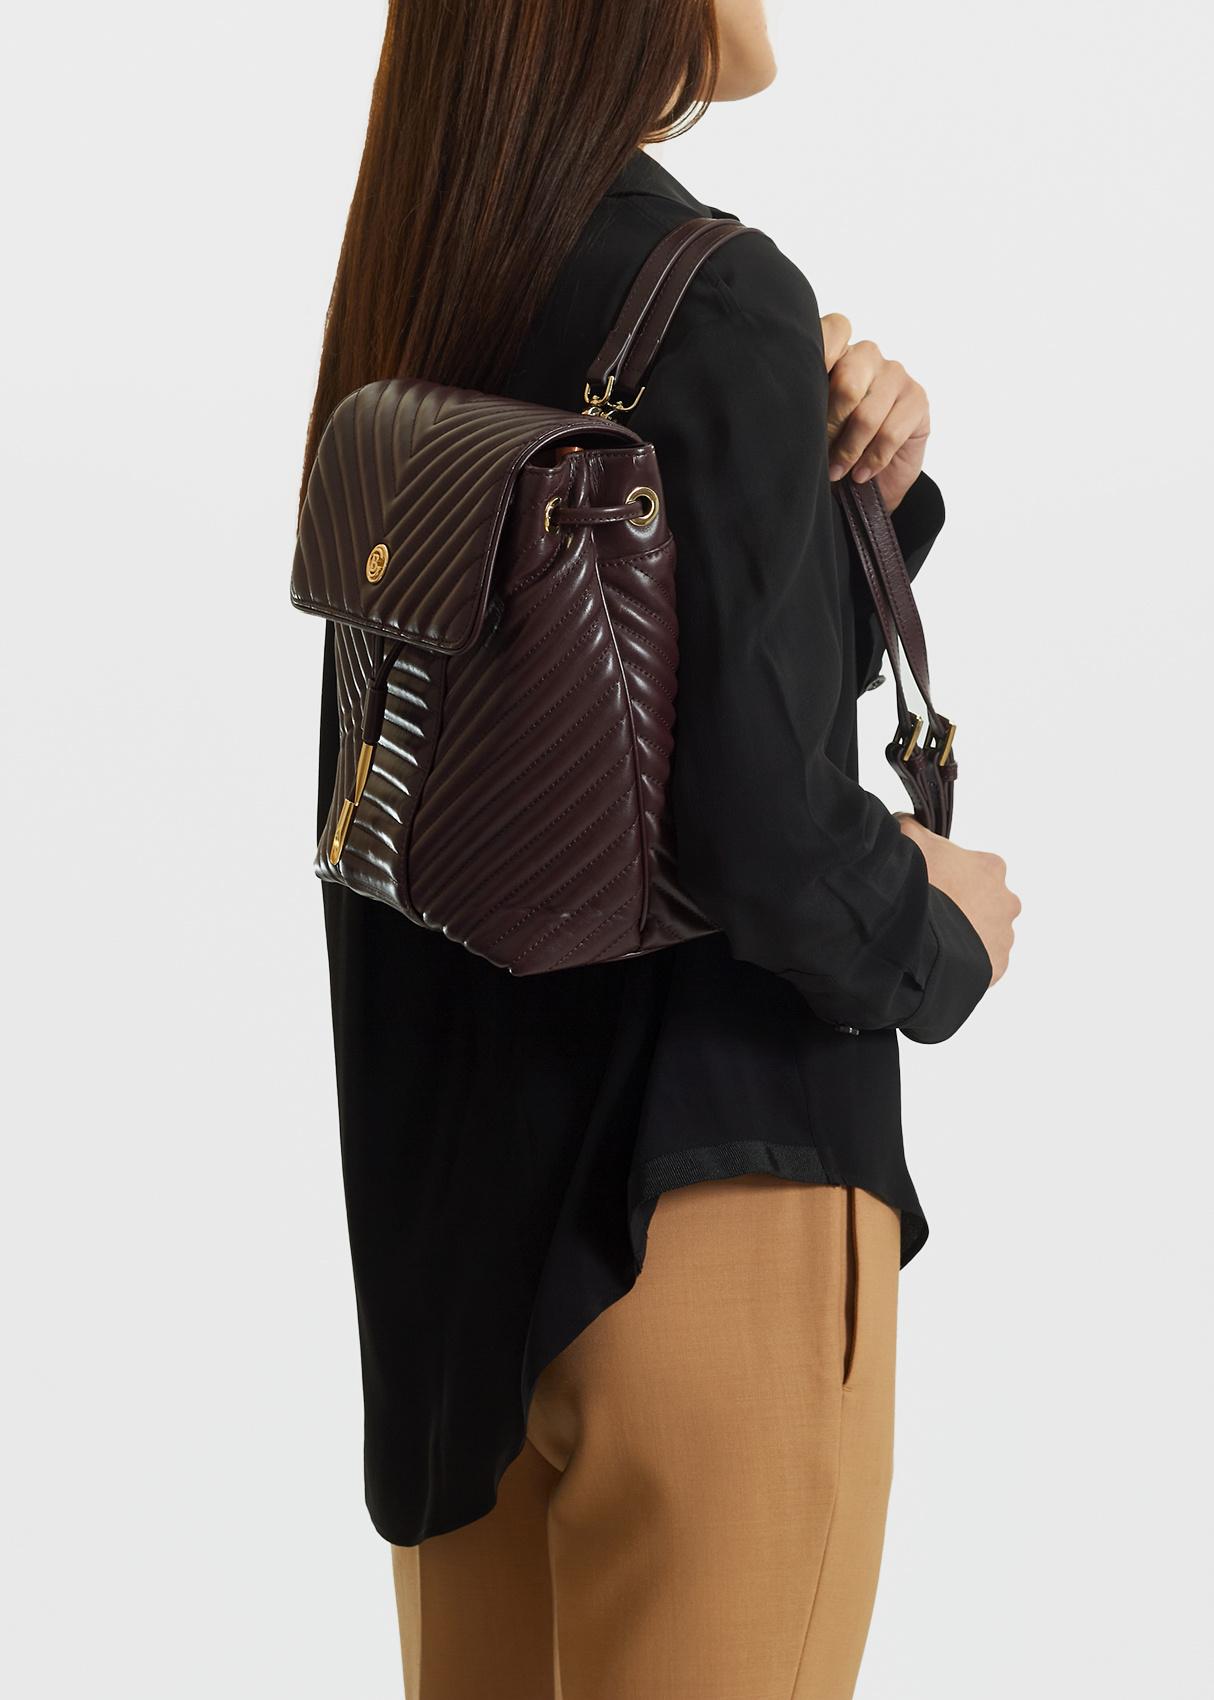 Рюкзак Baldinini Tracy бордового цвета